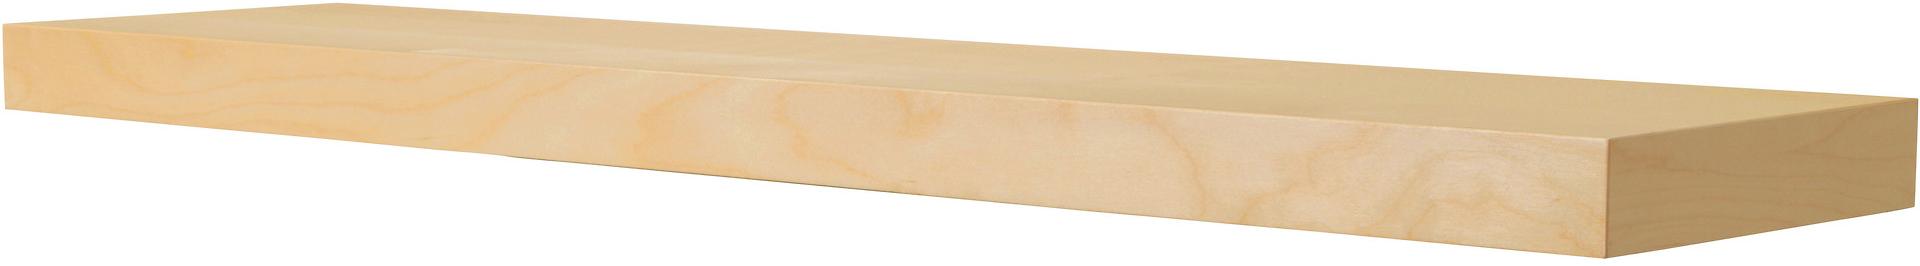 LACK Wall shelf - birch effect - IKEA